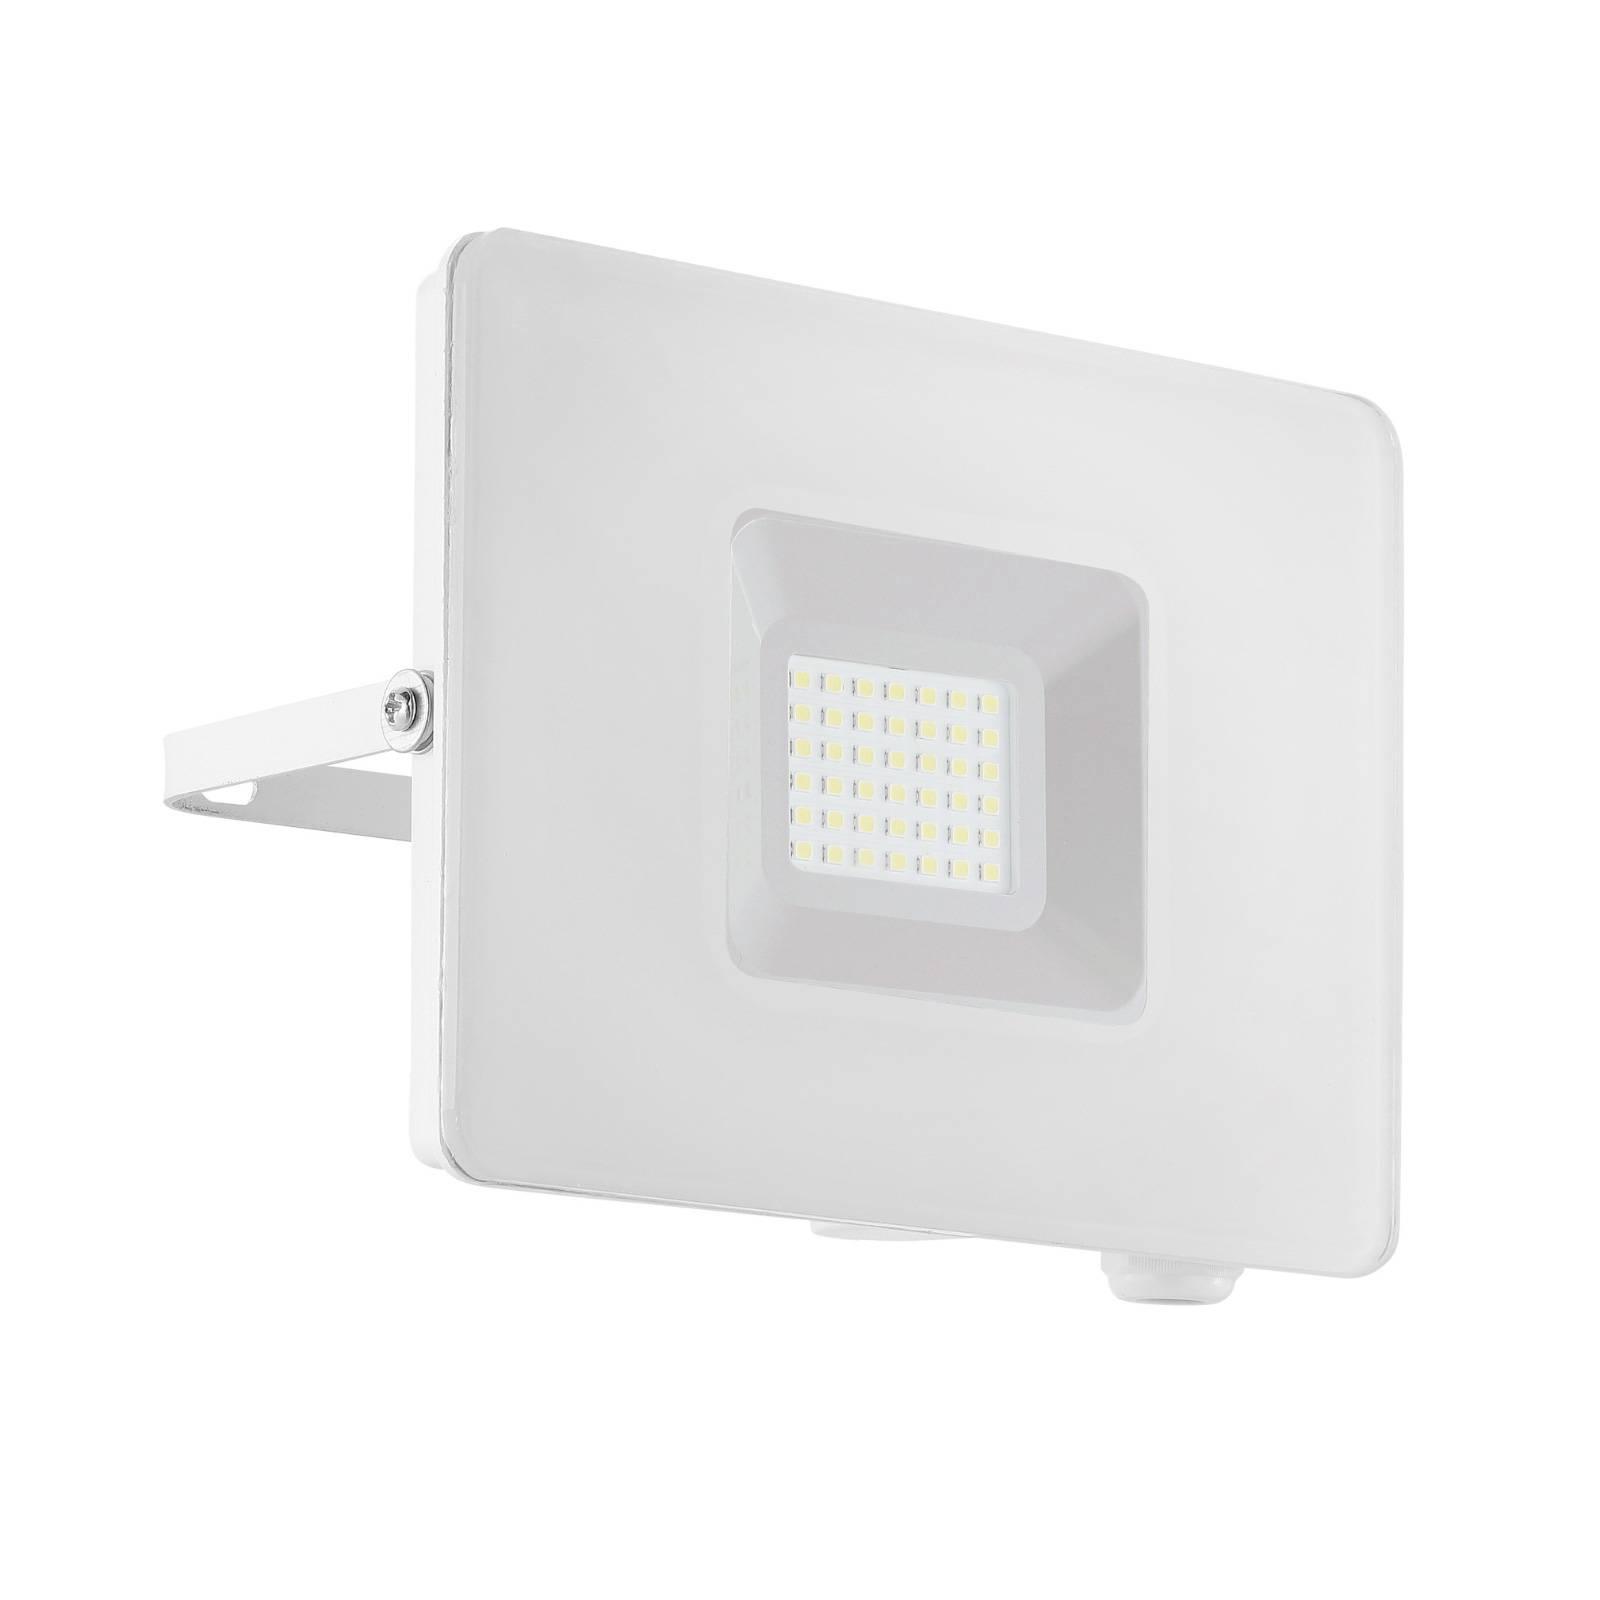 LED-kohdevalaisin ulos Faedo 3, valkoinen, 30 W